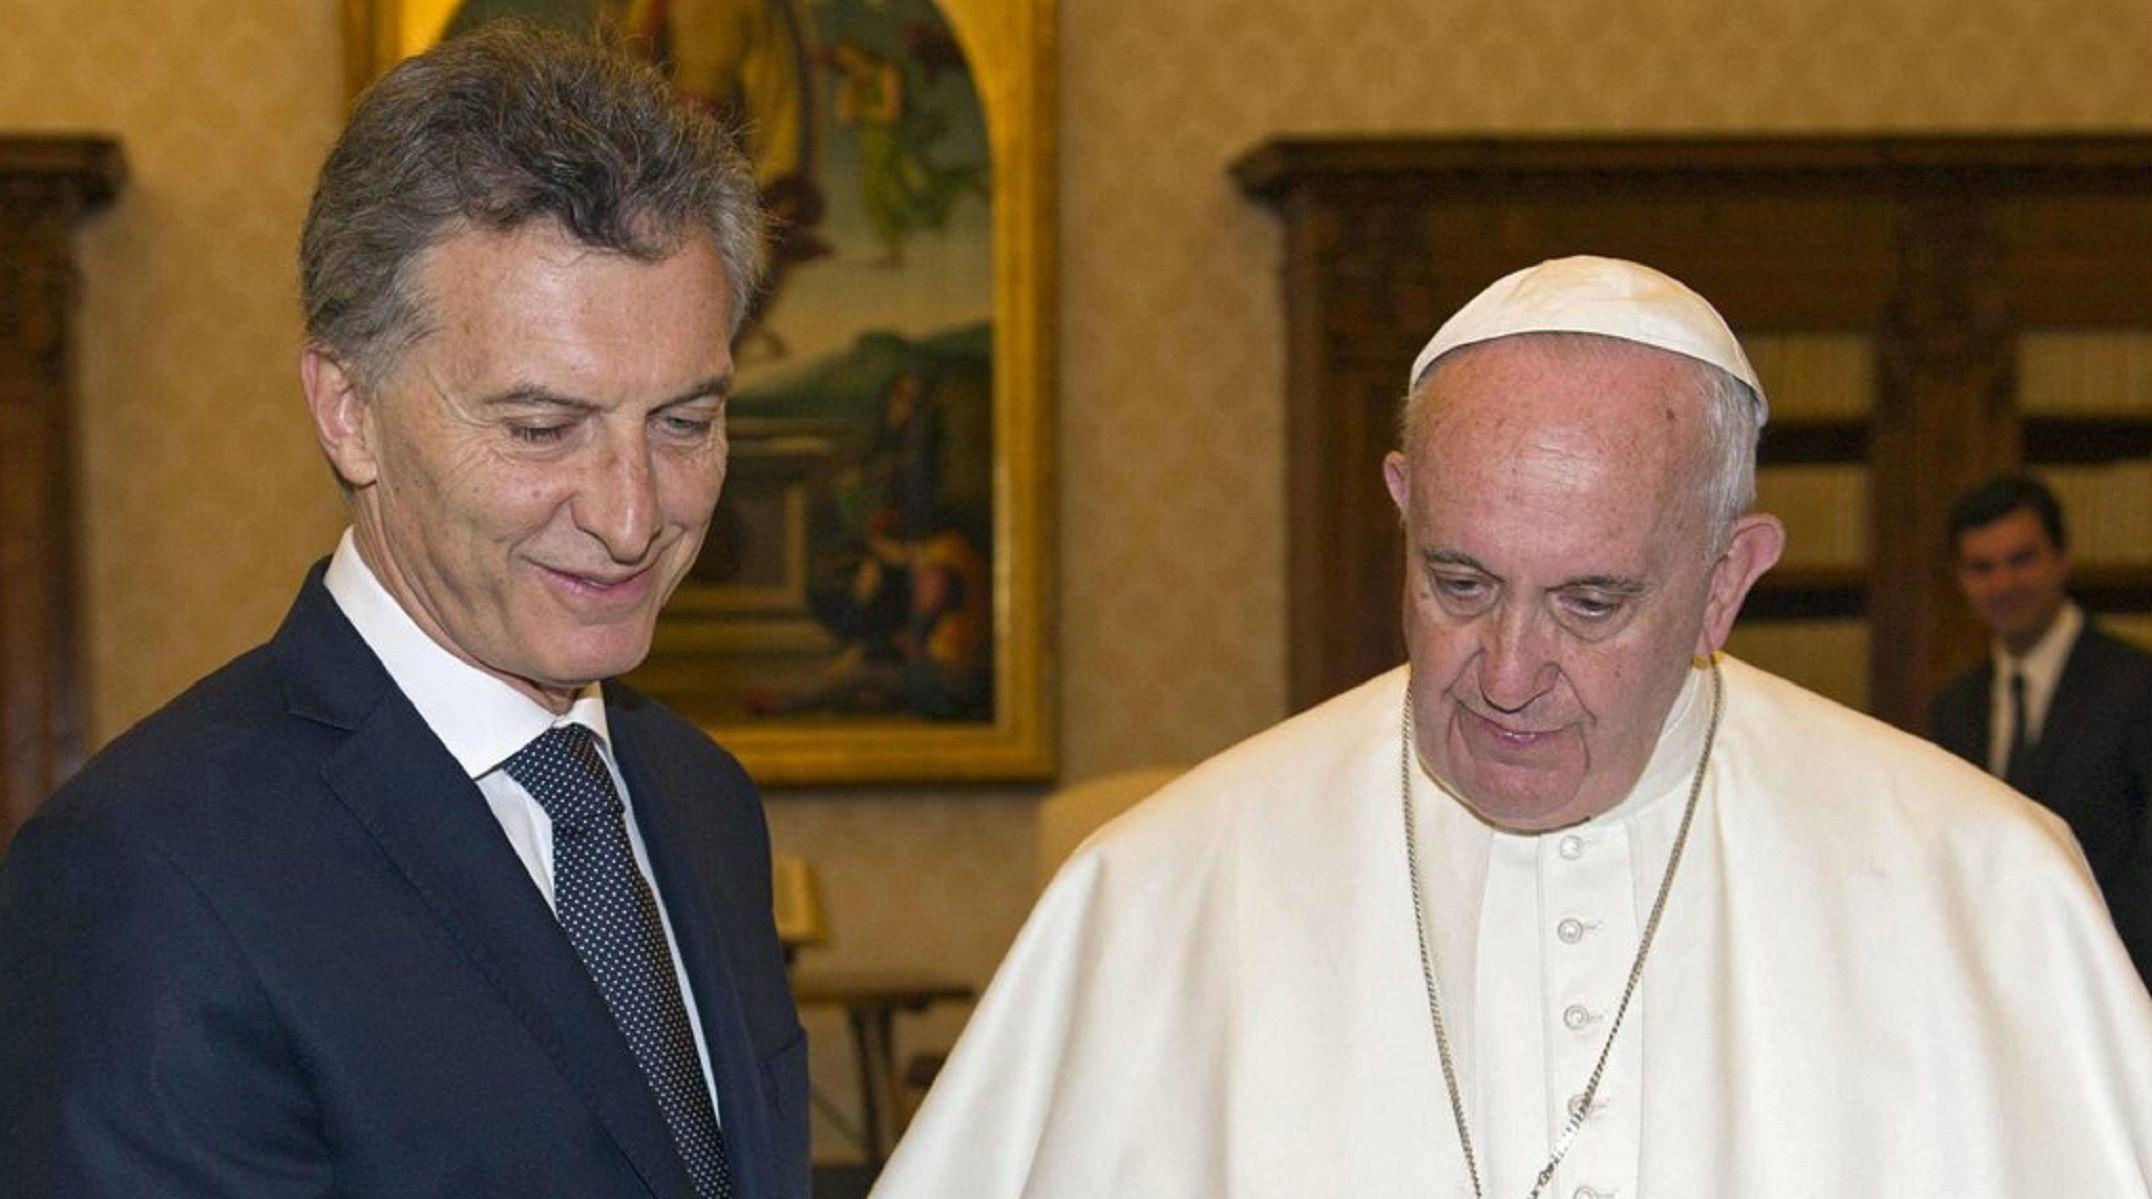 El saludo de Macri al Papa Francisco por su cumpleaños: Mis mejores deseos de felicidad